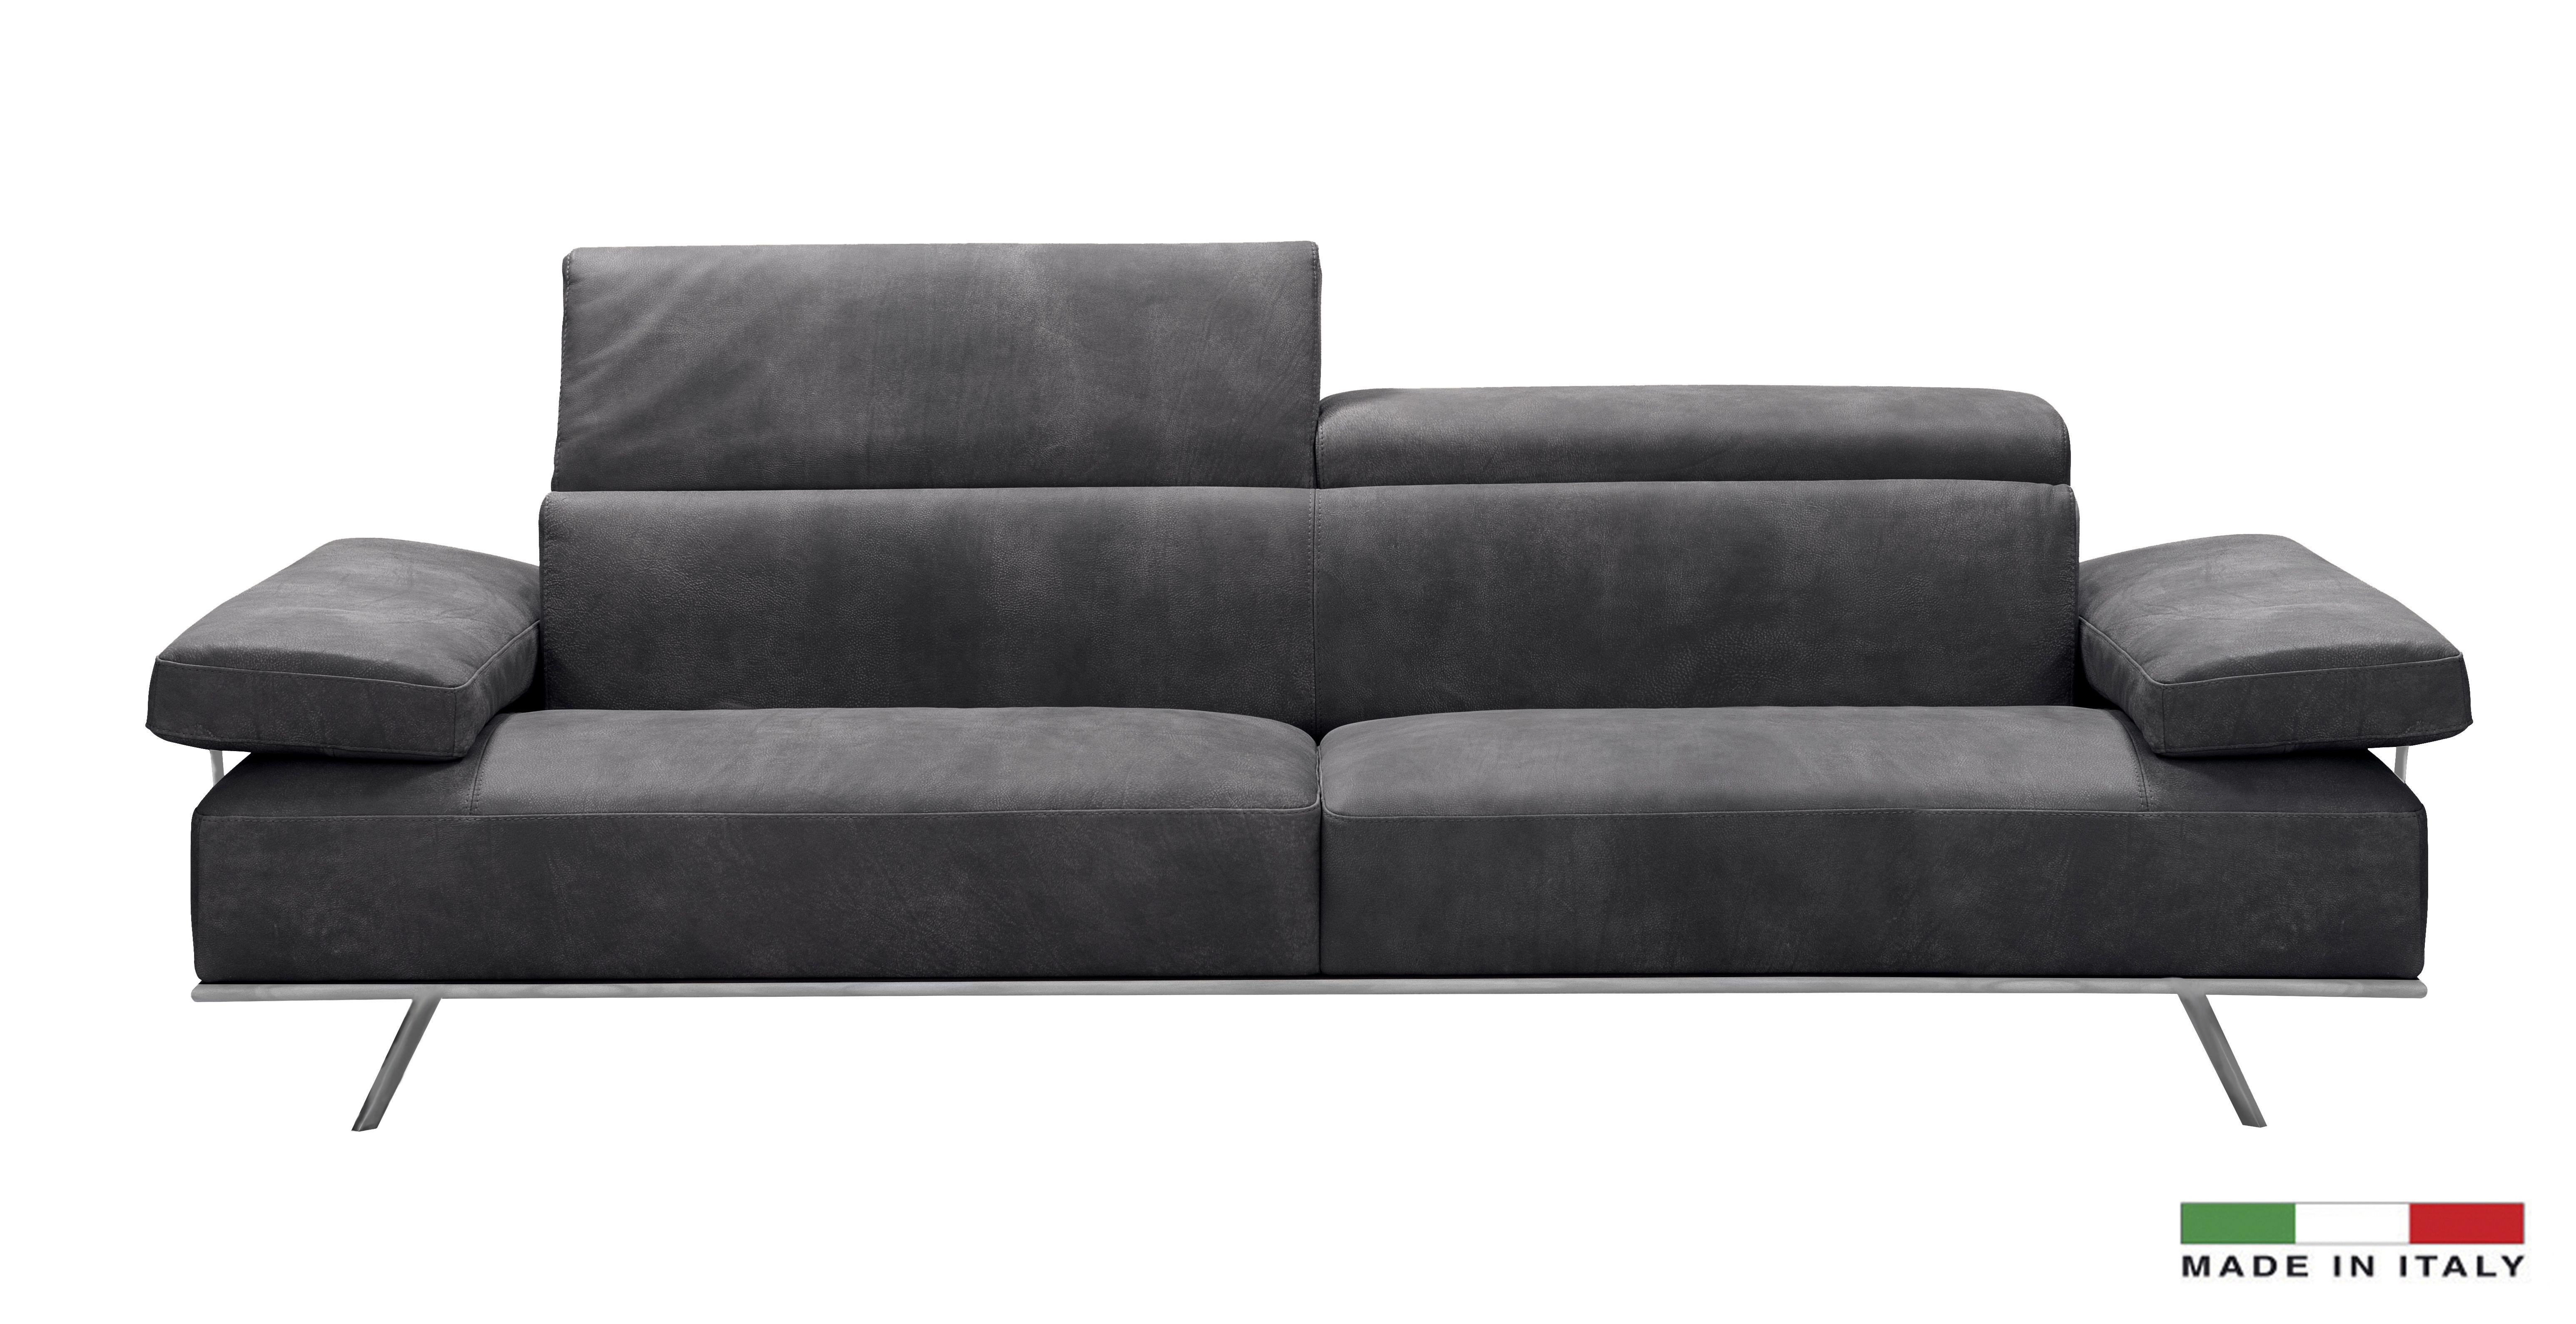 Castello Leather Sofa Decorium Furniture Leather Sofa